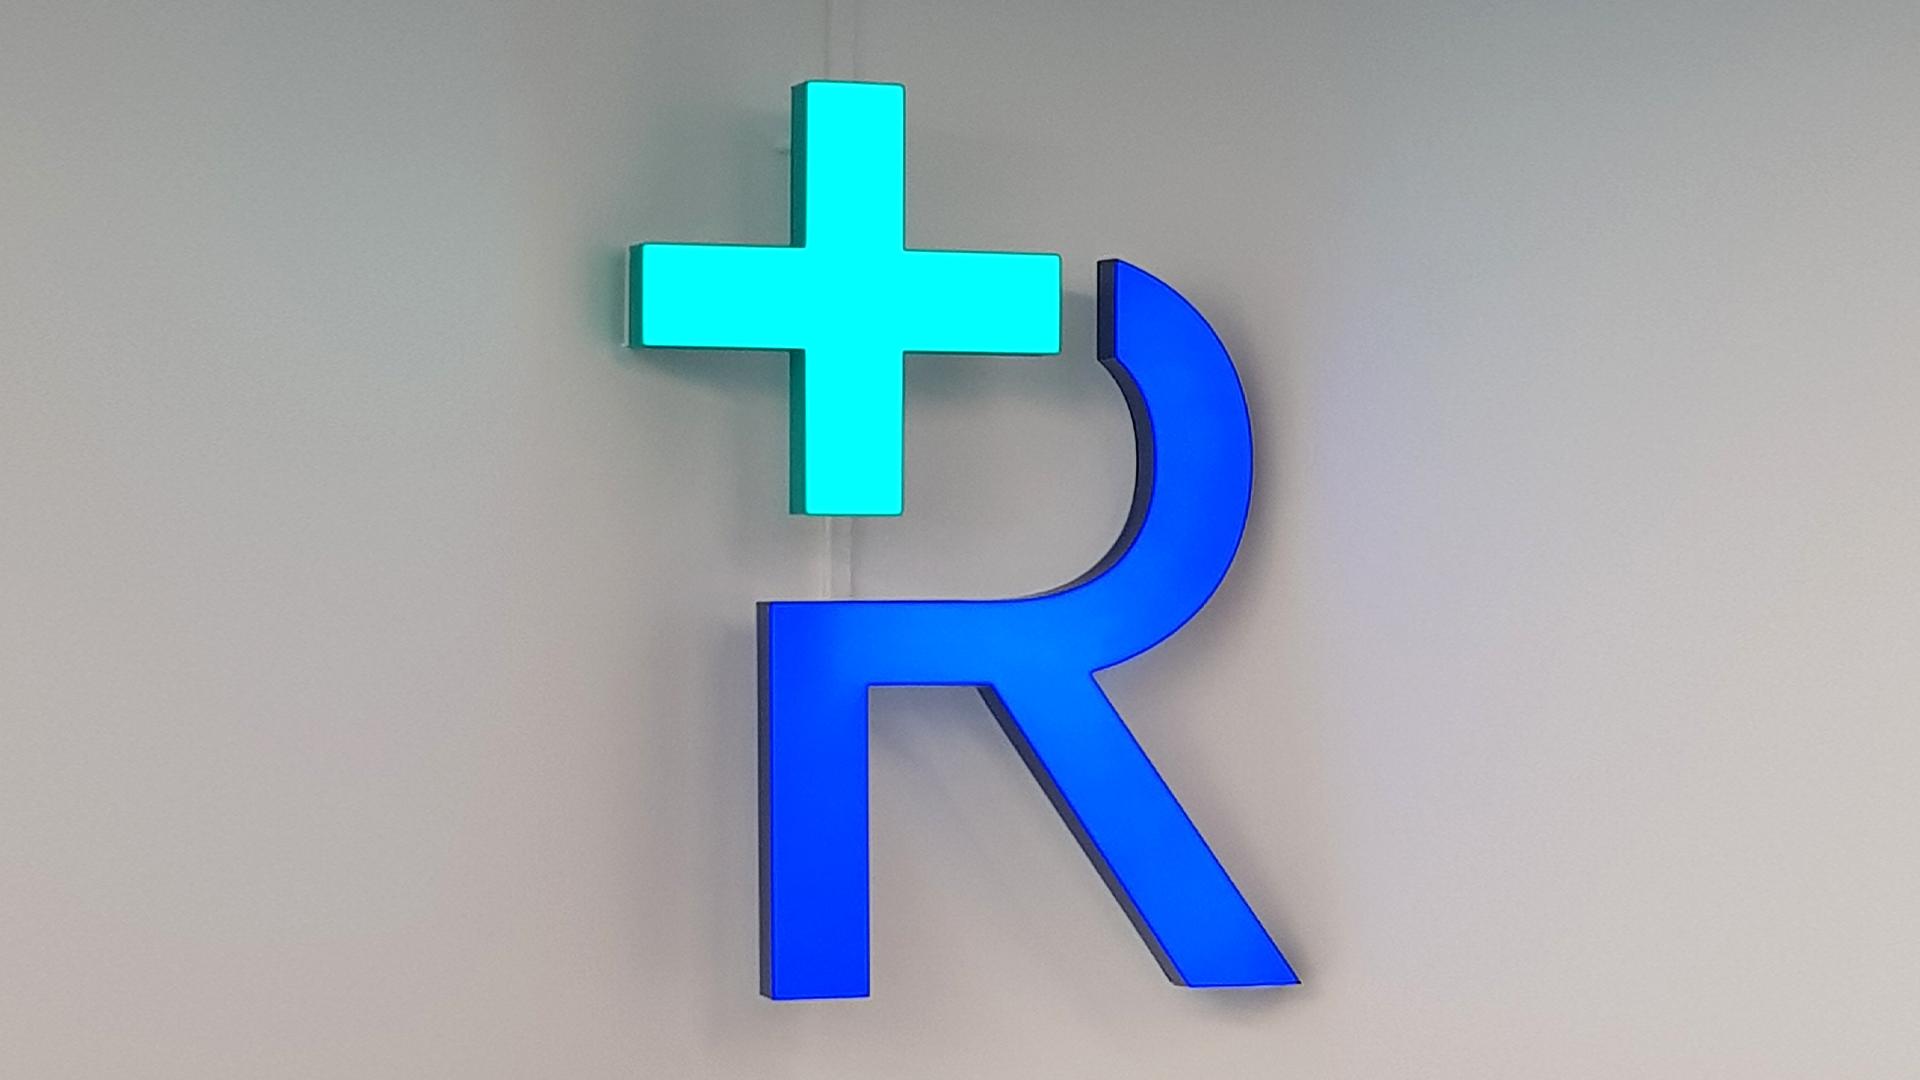 Enseigne de pharmacie r+